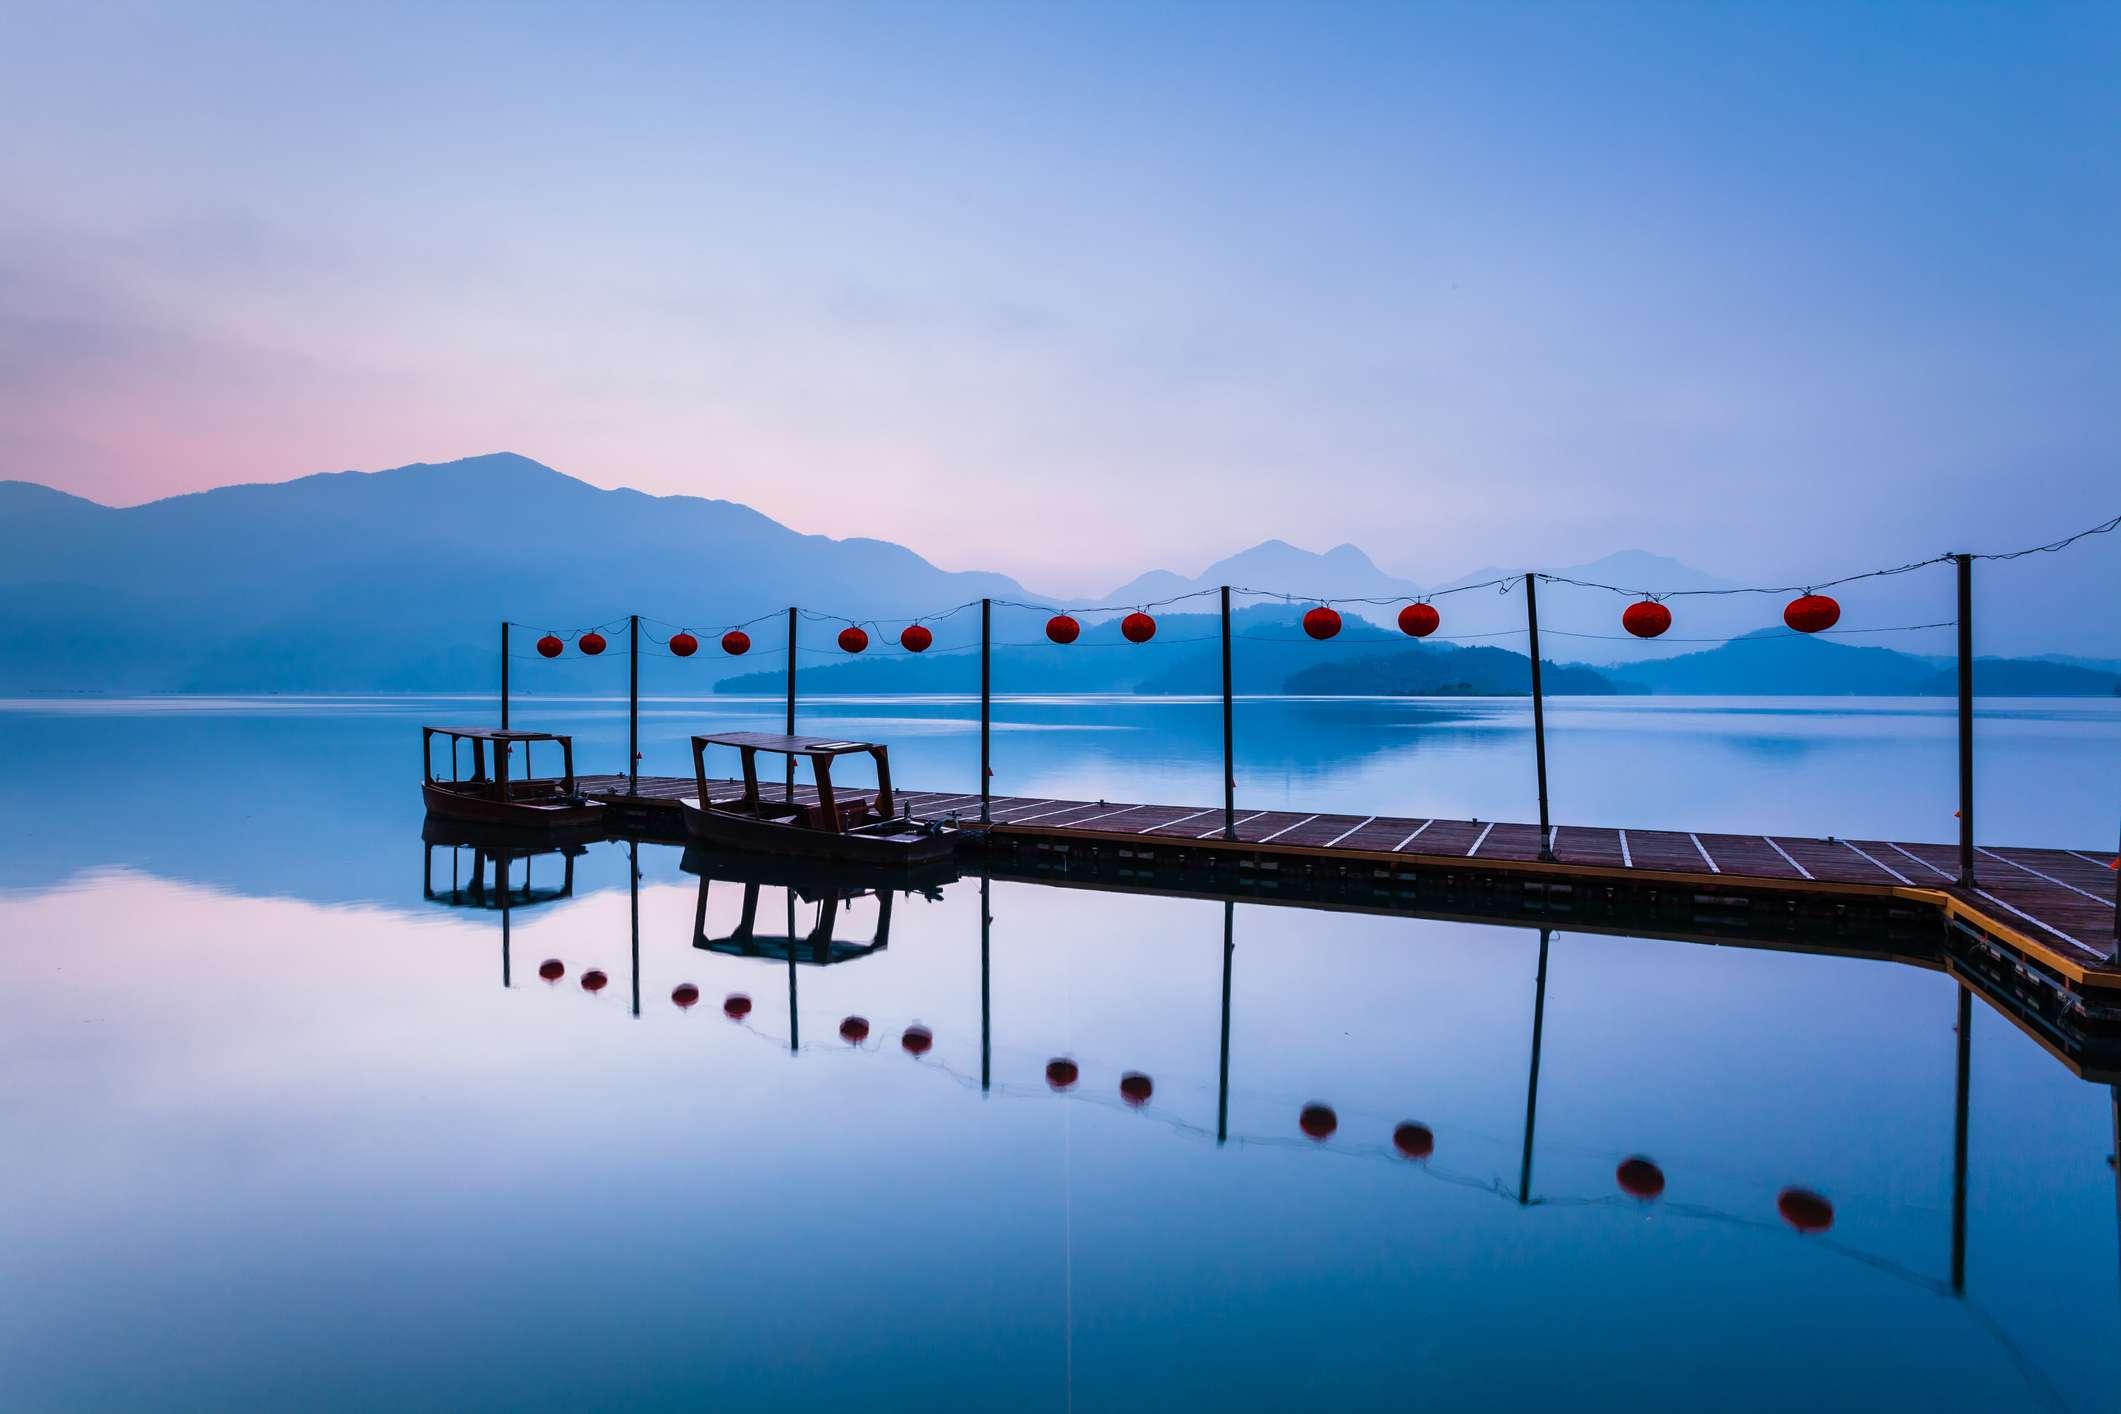 boardwalk on a calm reflective lake in taiwan